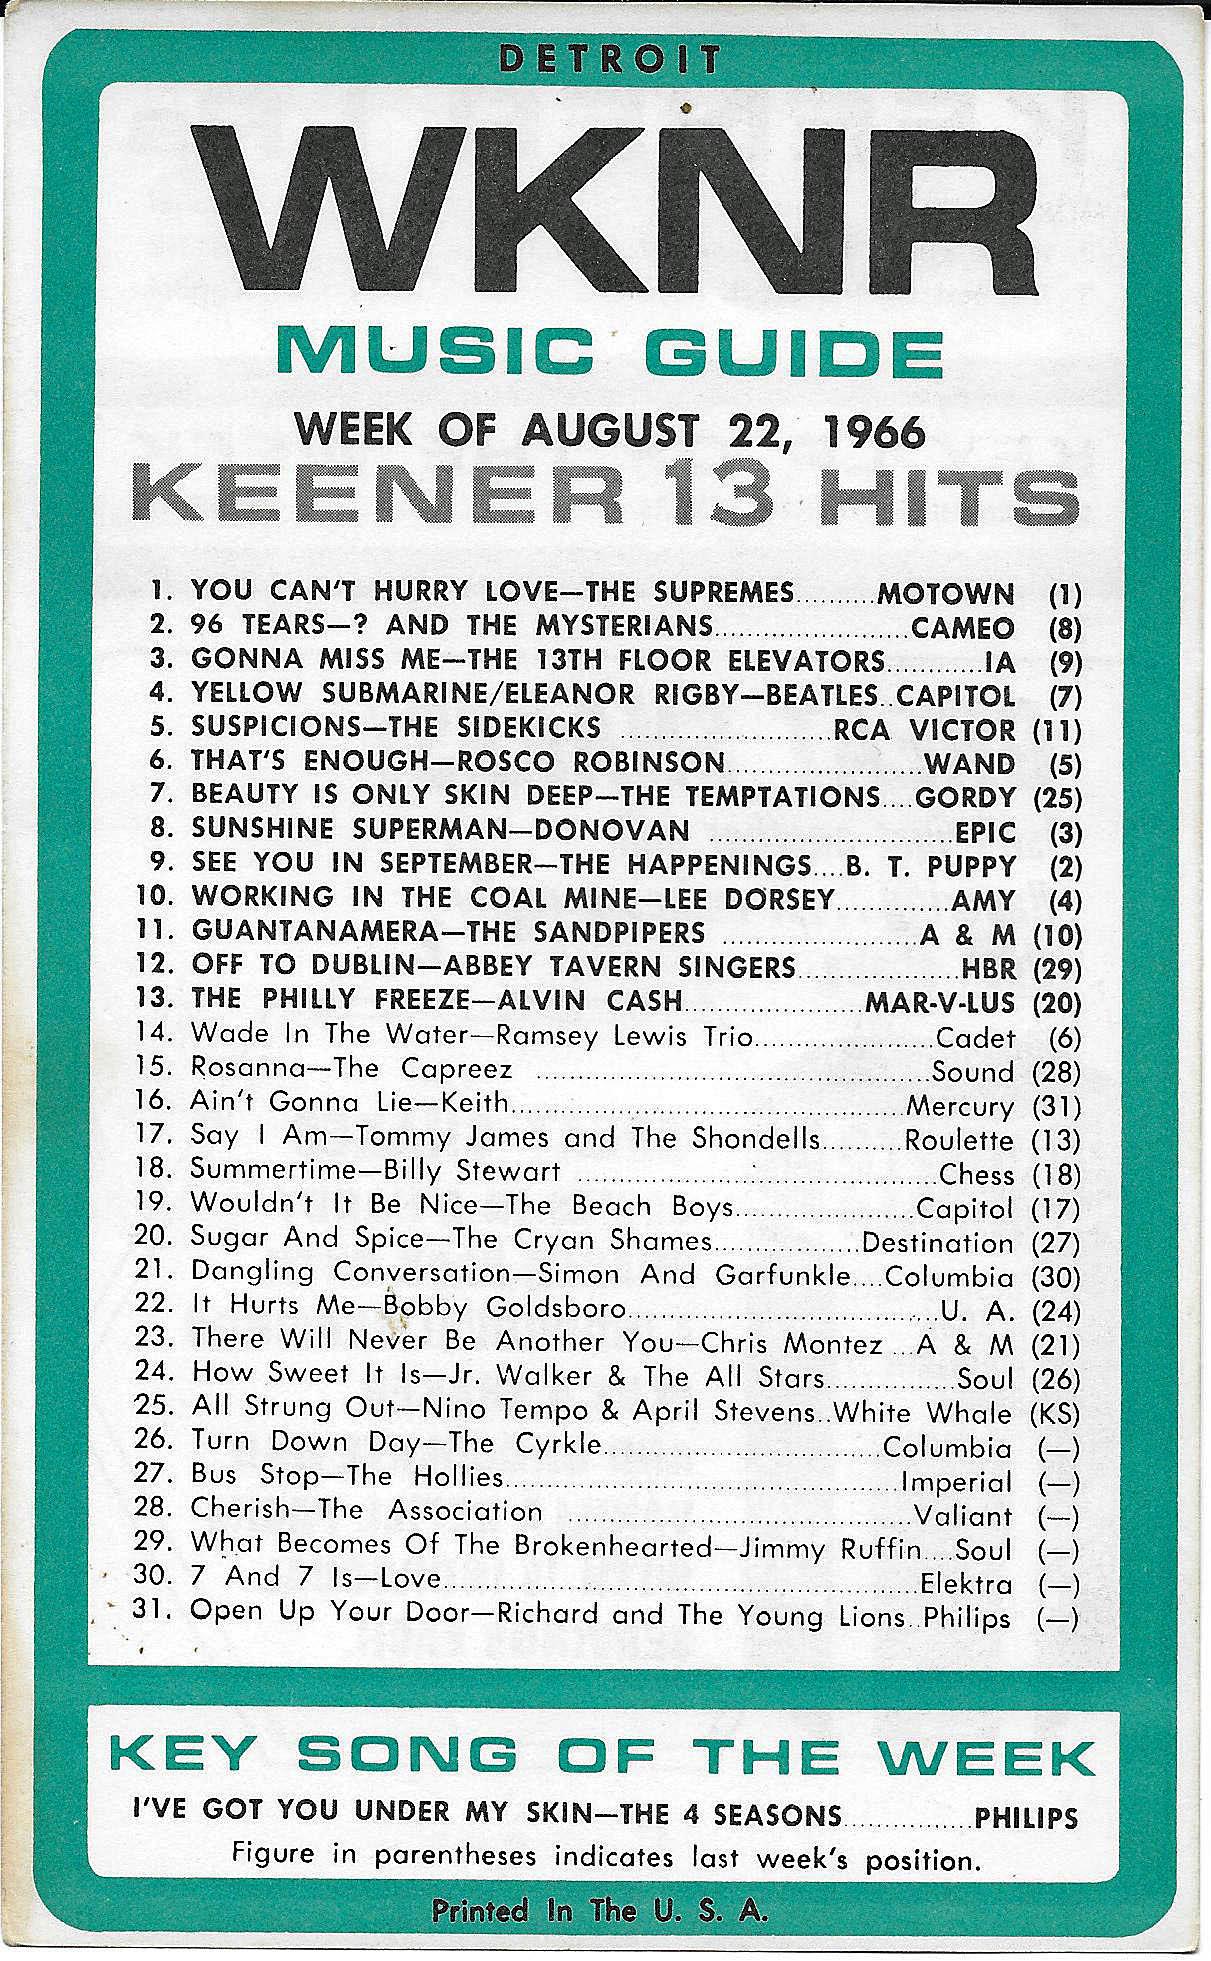 Wknr Detroit Top 31 Keener Hits This Week In 1966